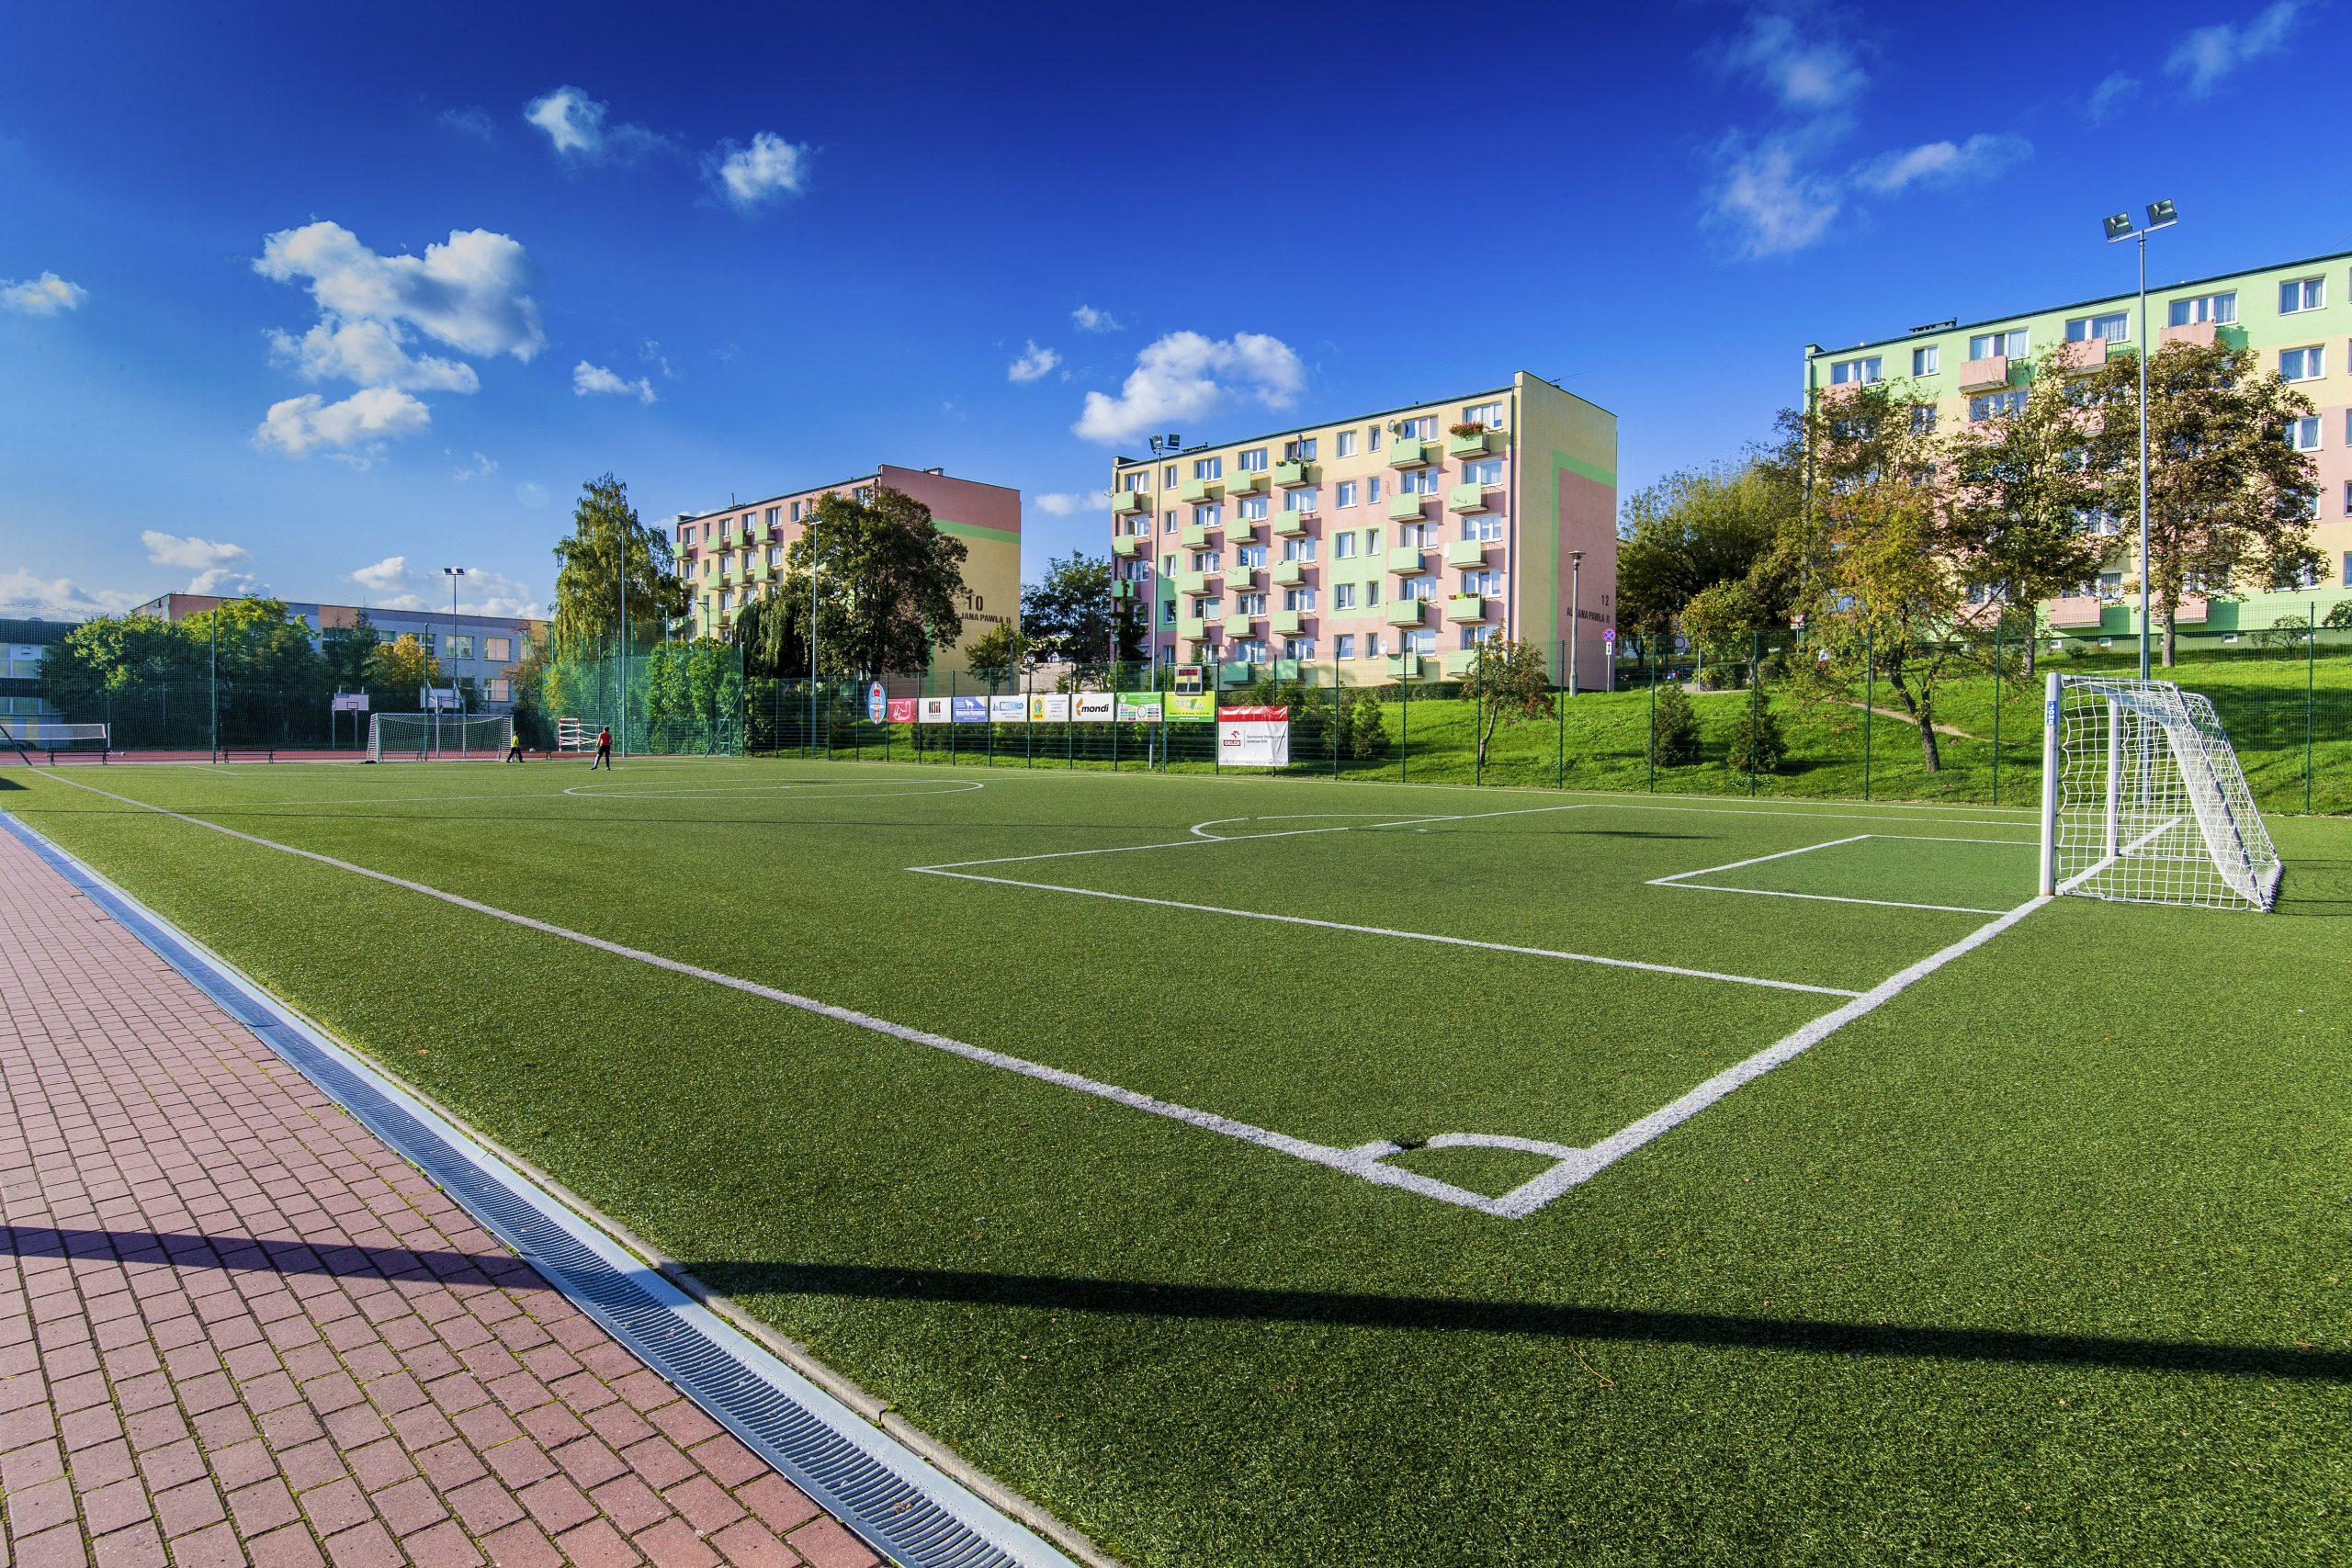 widok na sztuczną murawę boiska, w tle bloki mieszkalne